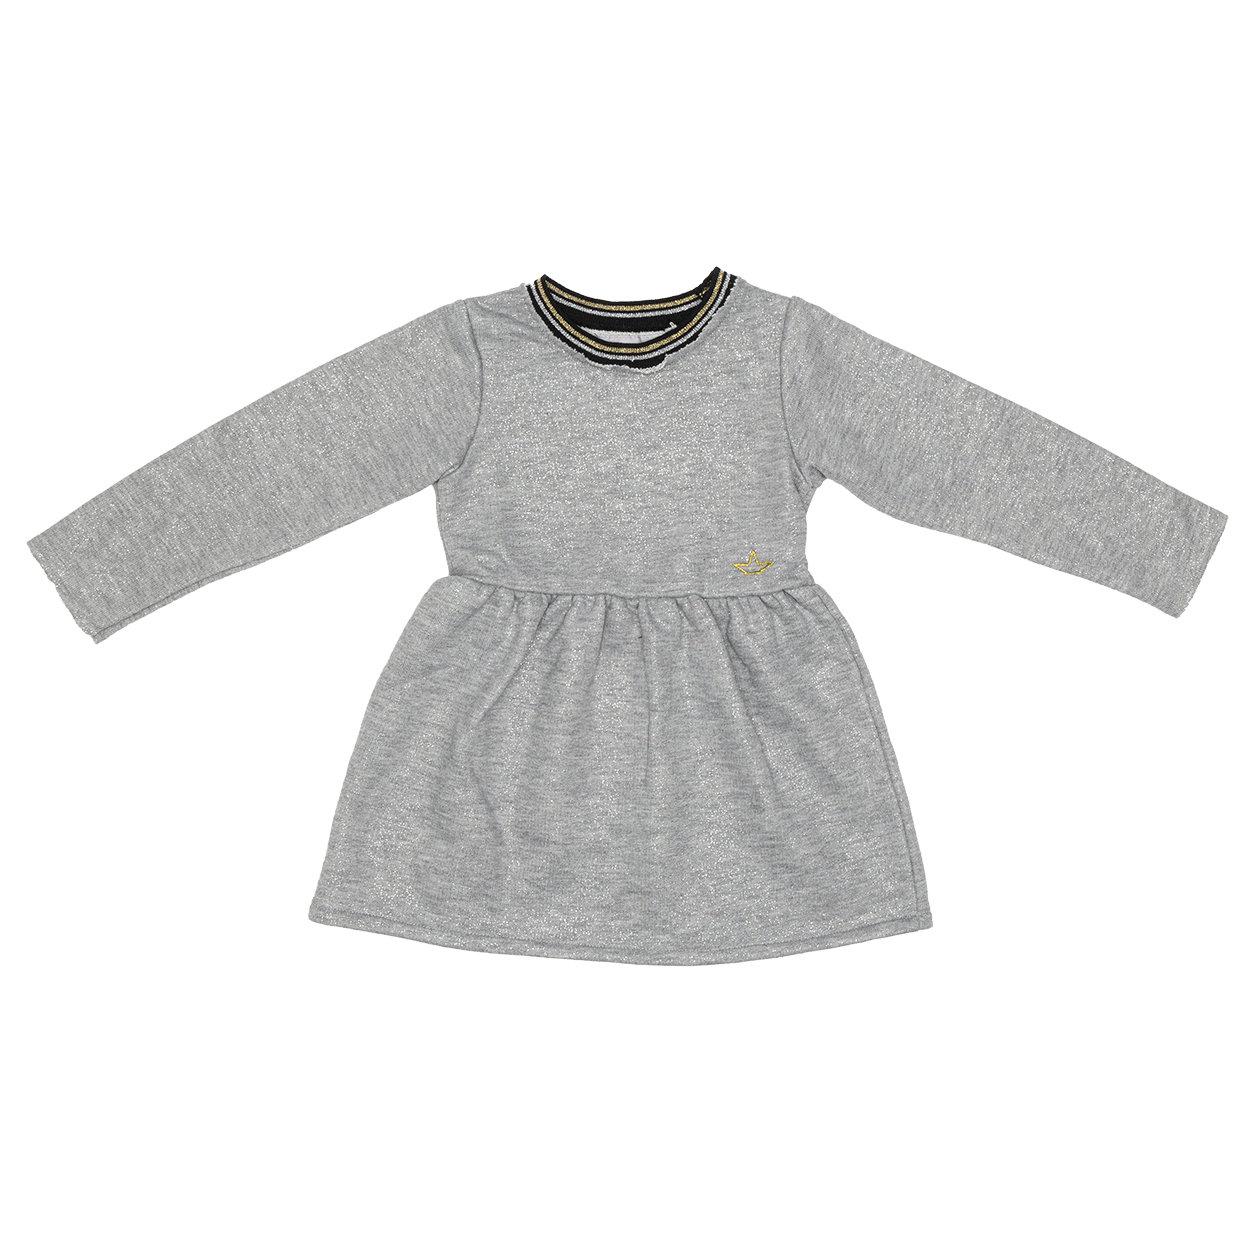 Image of Abito bimba grigio con glitter a maniche lunghe